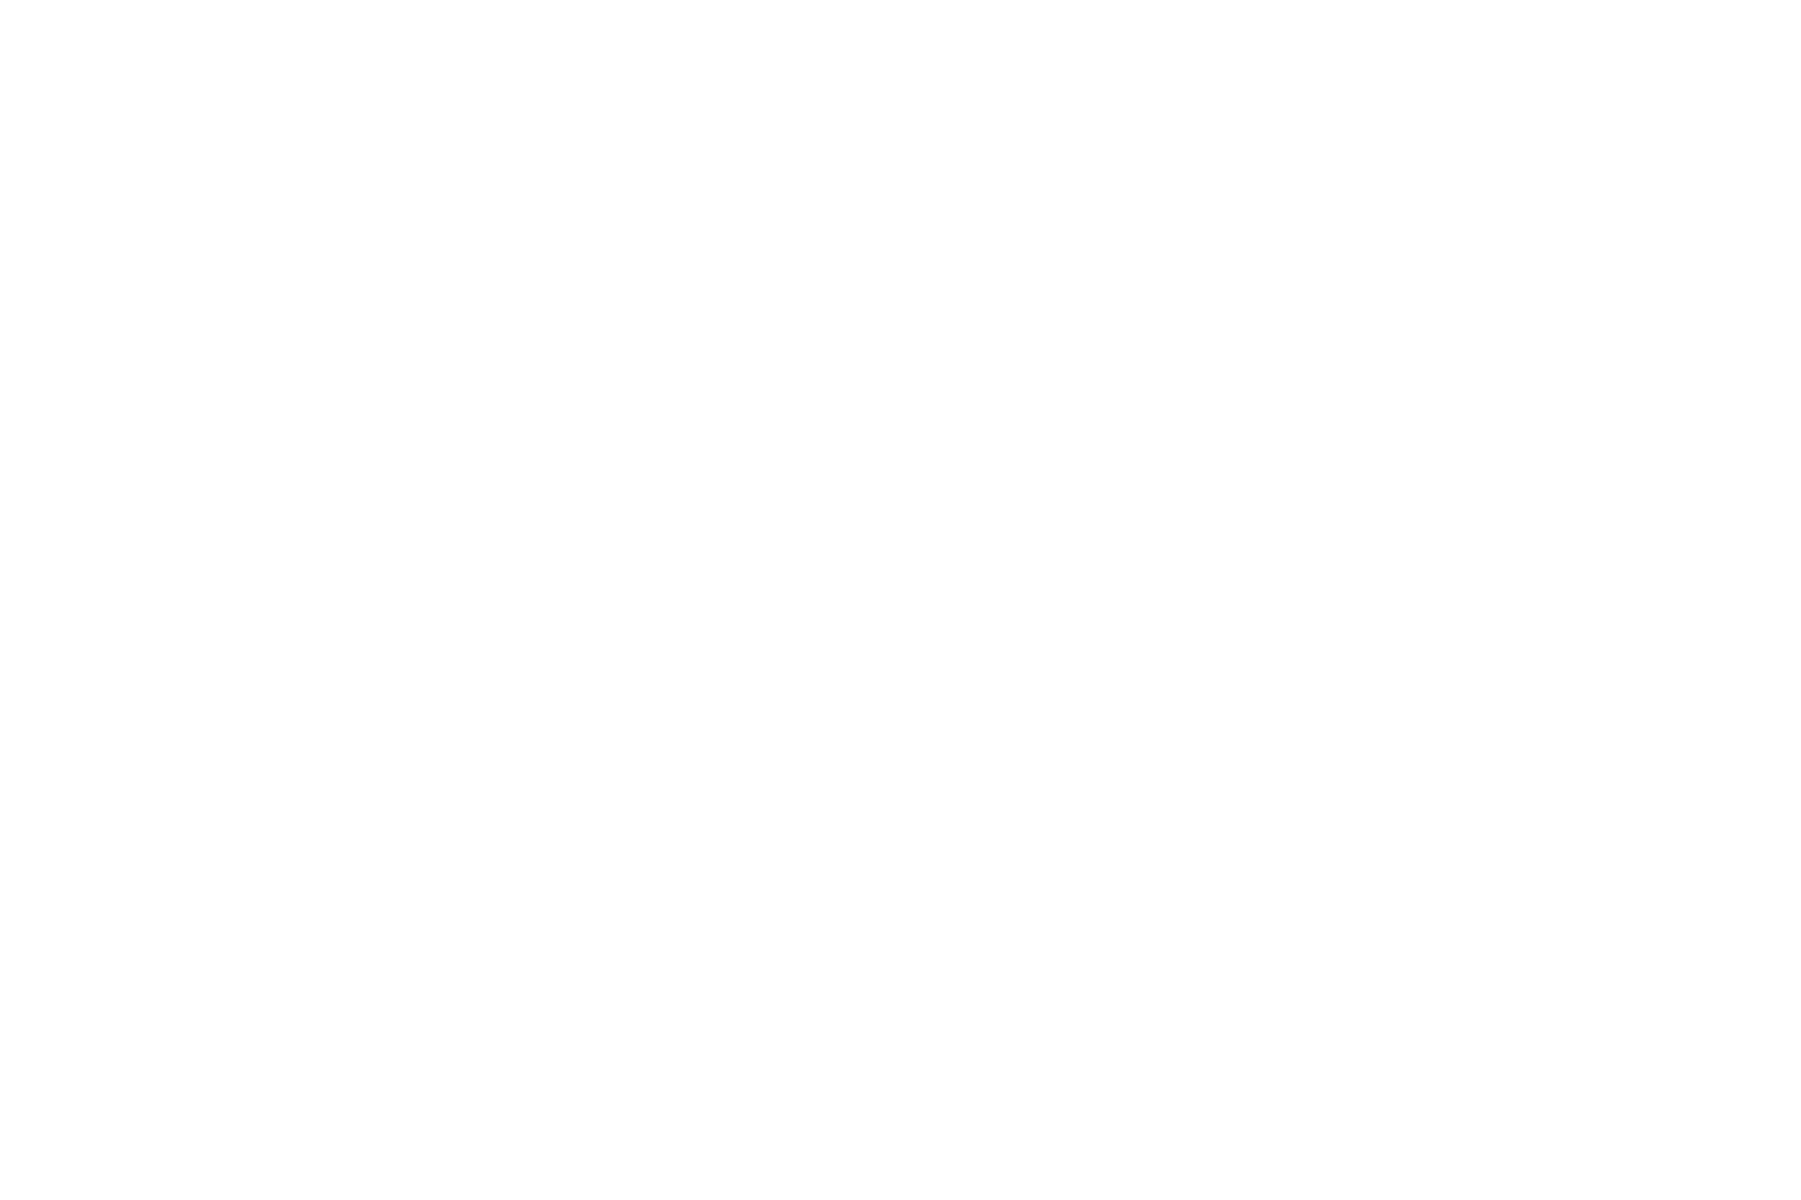 www.joshuawilderoakley.com